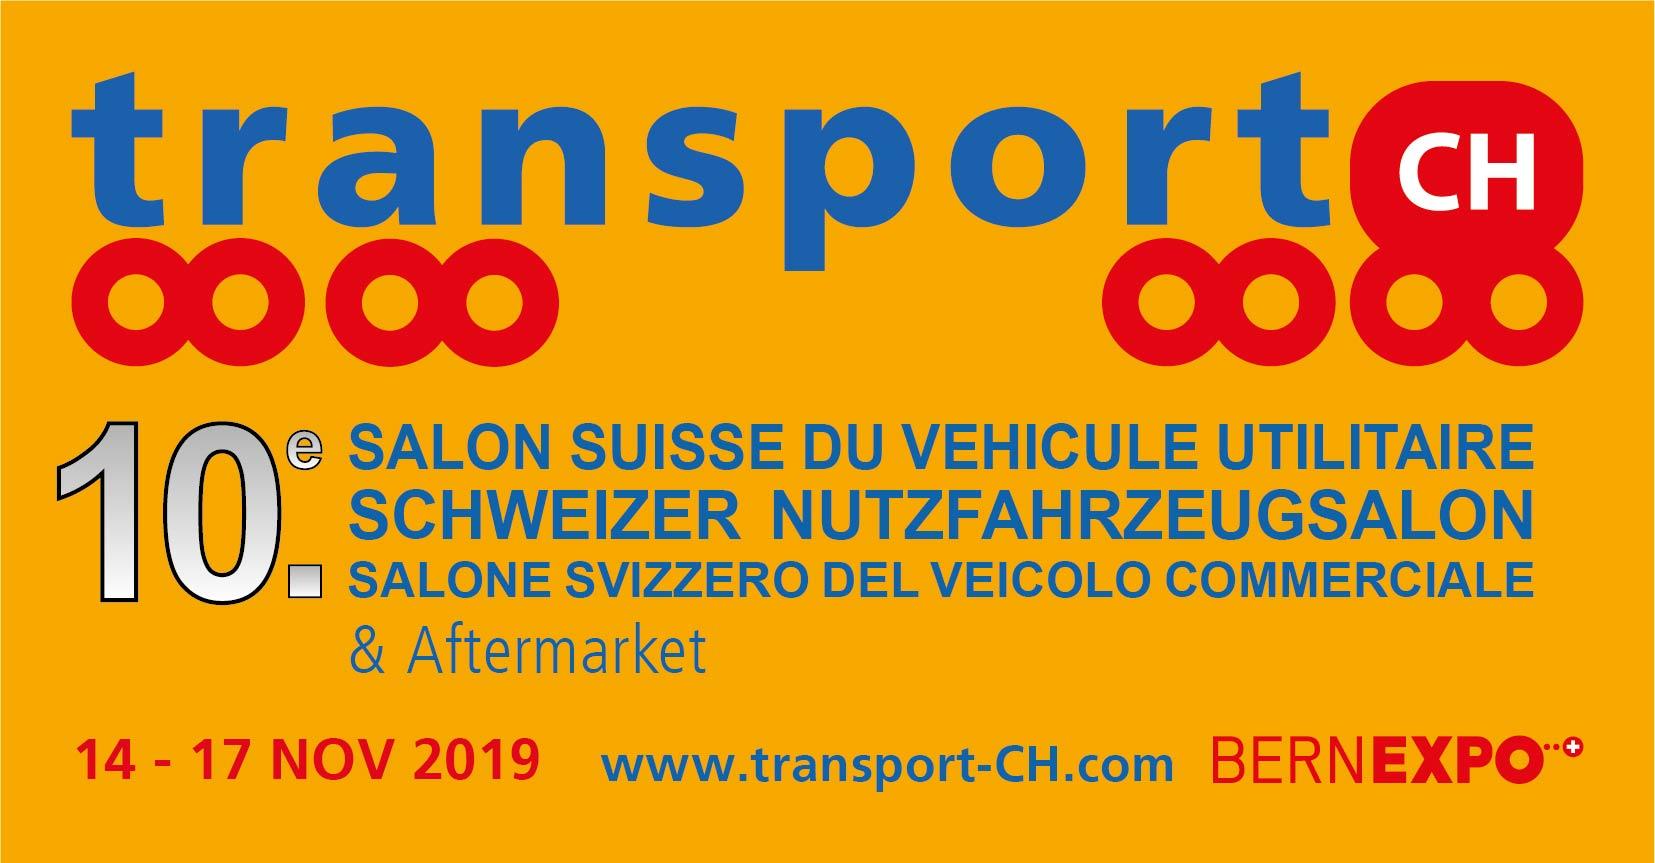 Bildergebnis für logo transport ch